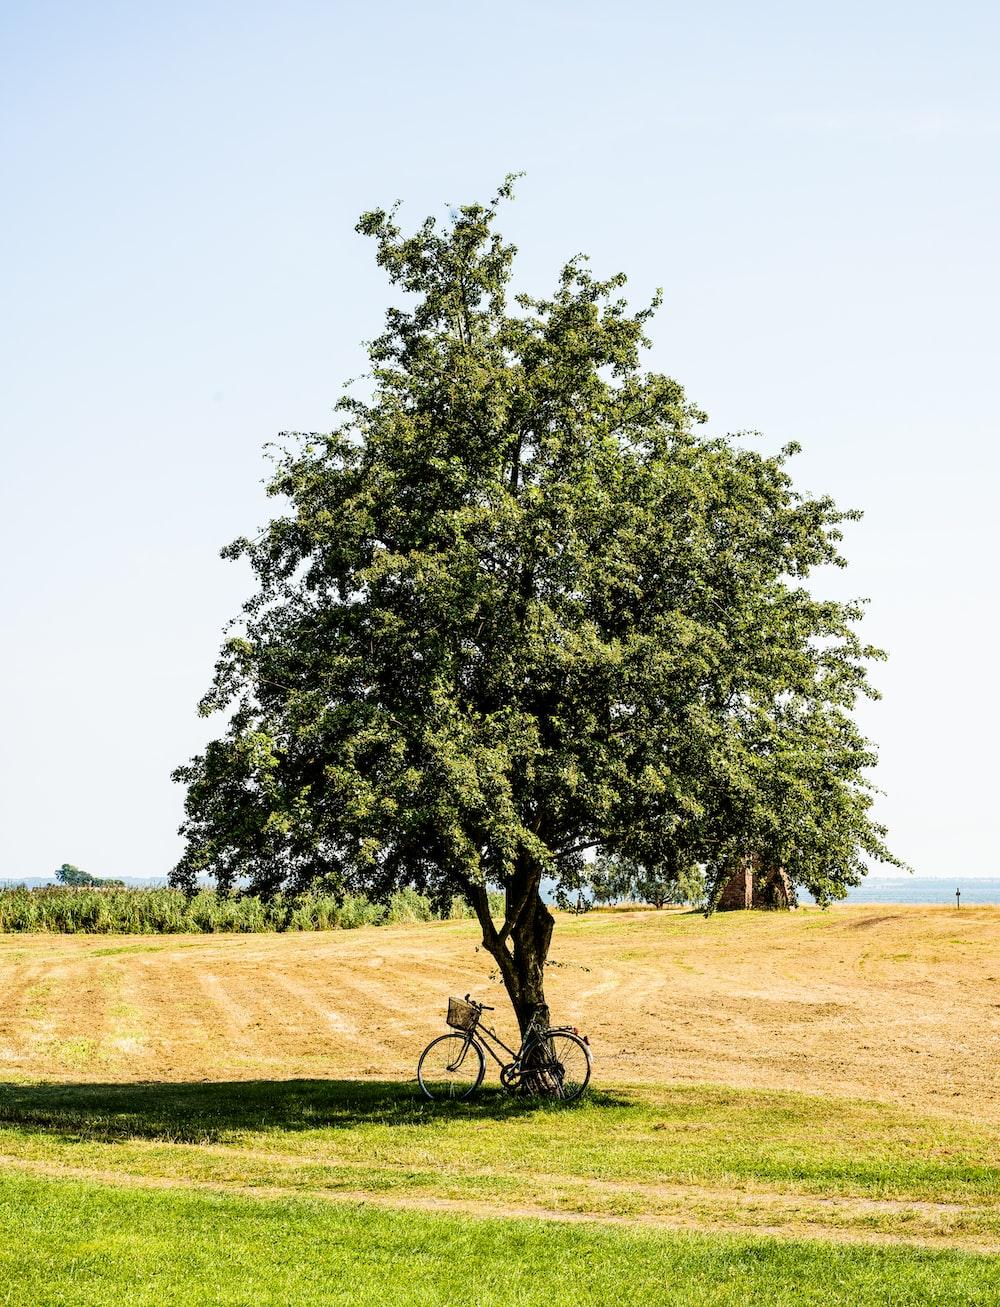 bicycle park beside tree